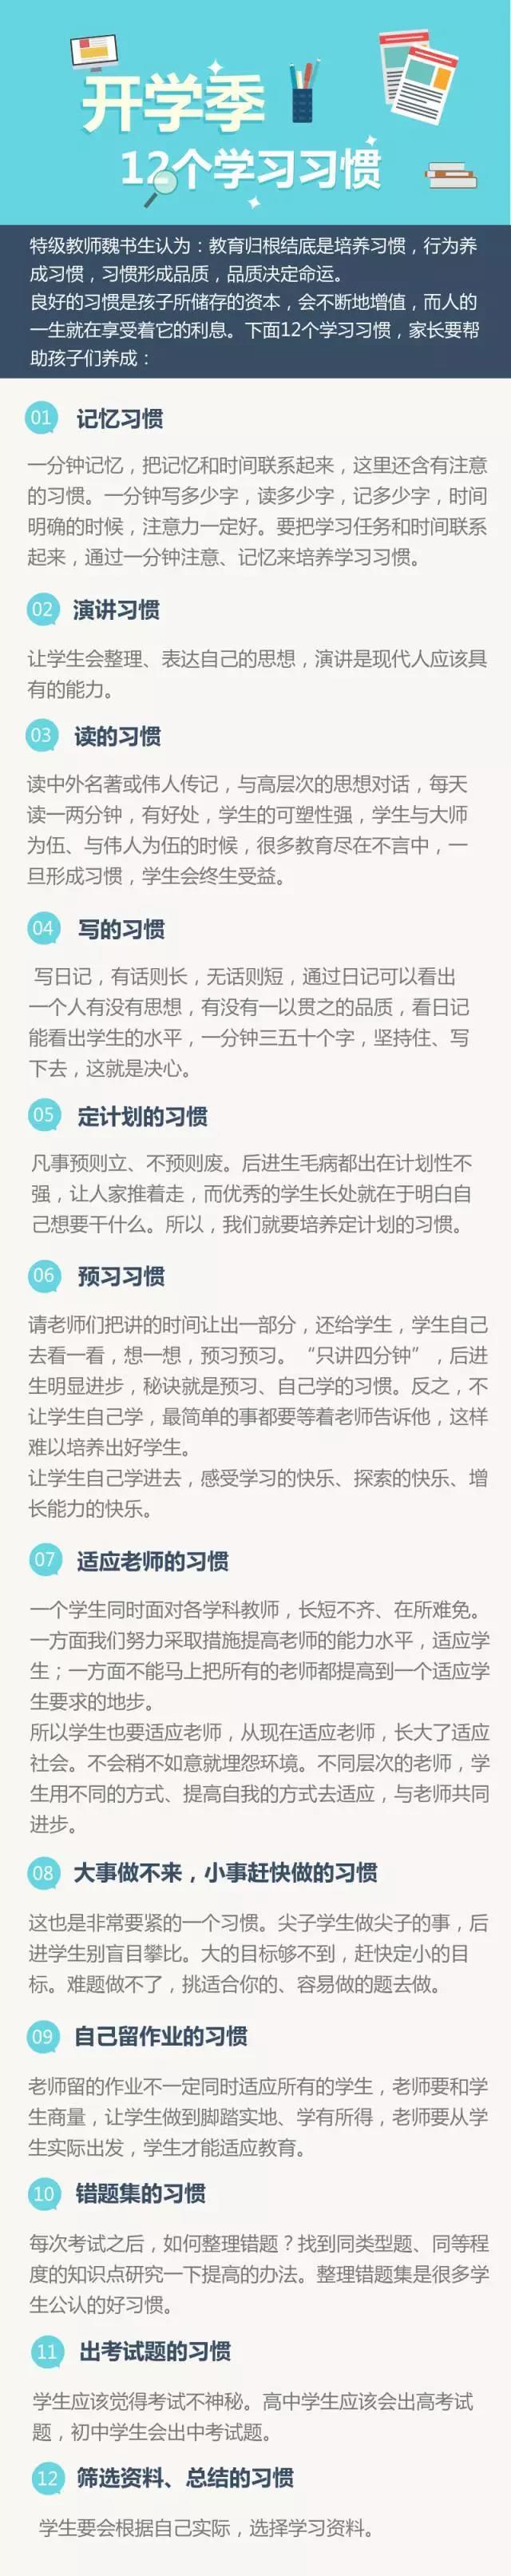 上海新纪元双语学校入学攻略